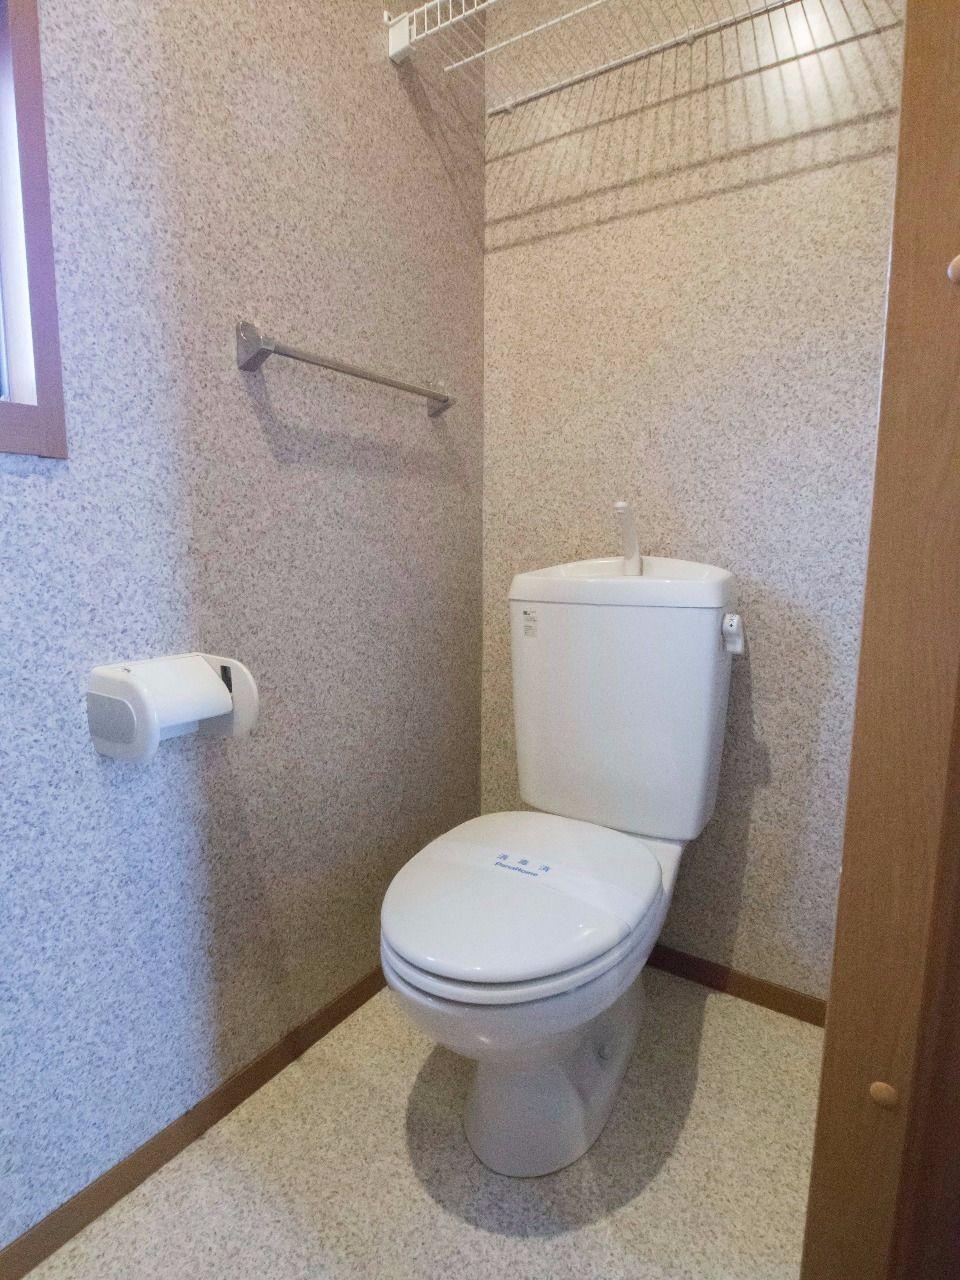 窓と上棚のあるトイレ